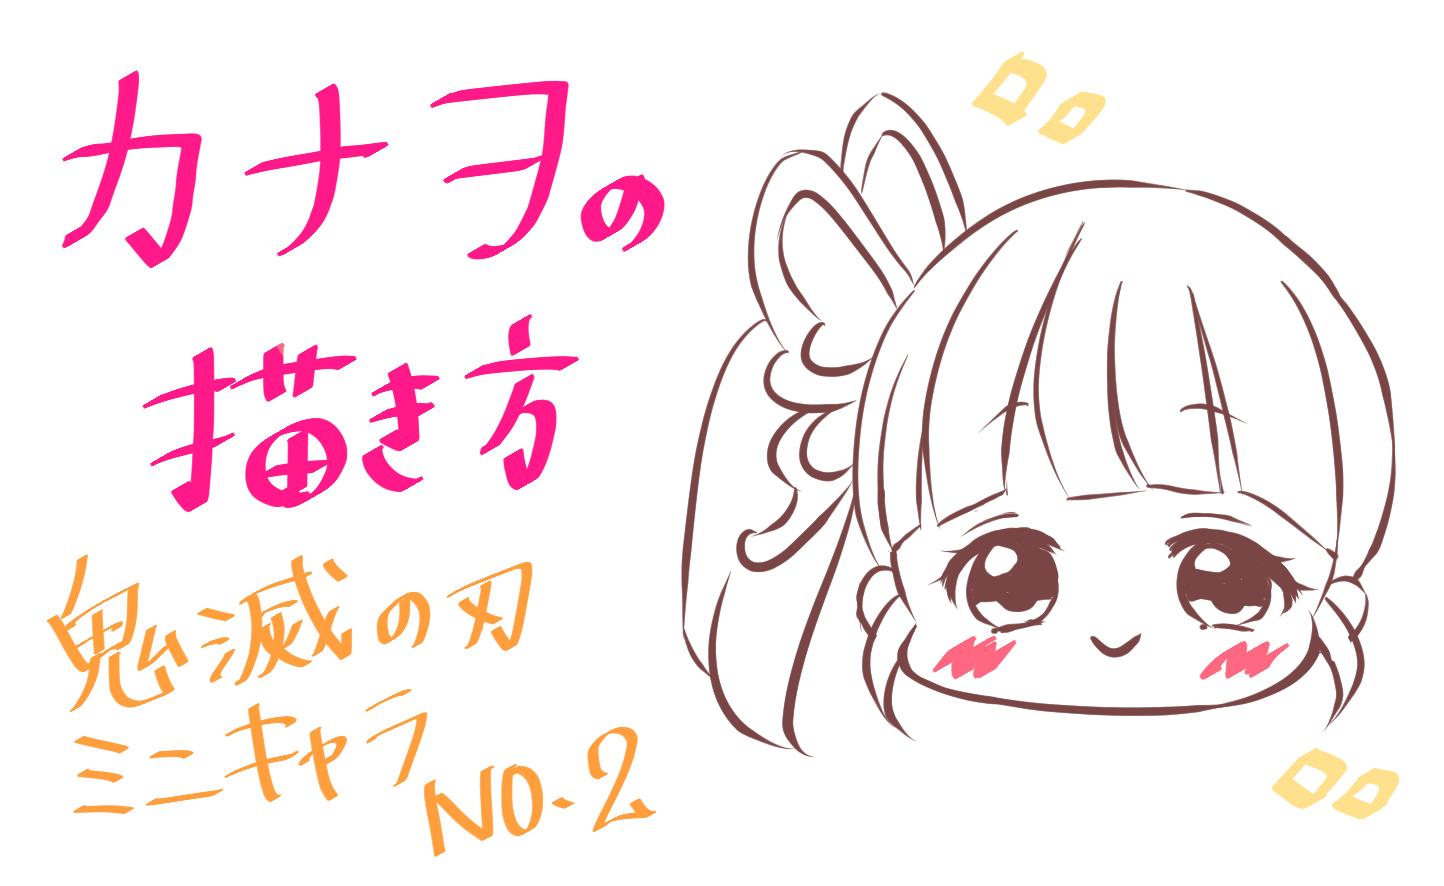 の 可愛い 刃 イラスト 滅 カナヲ 鬼